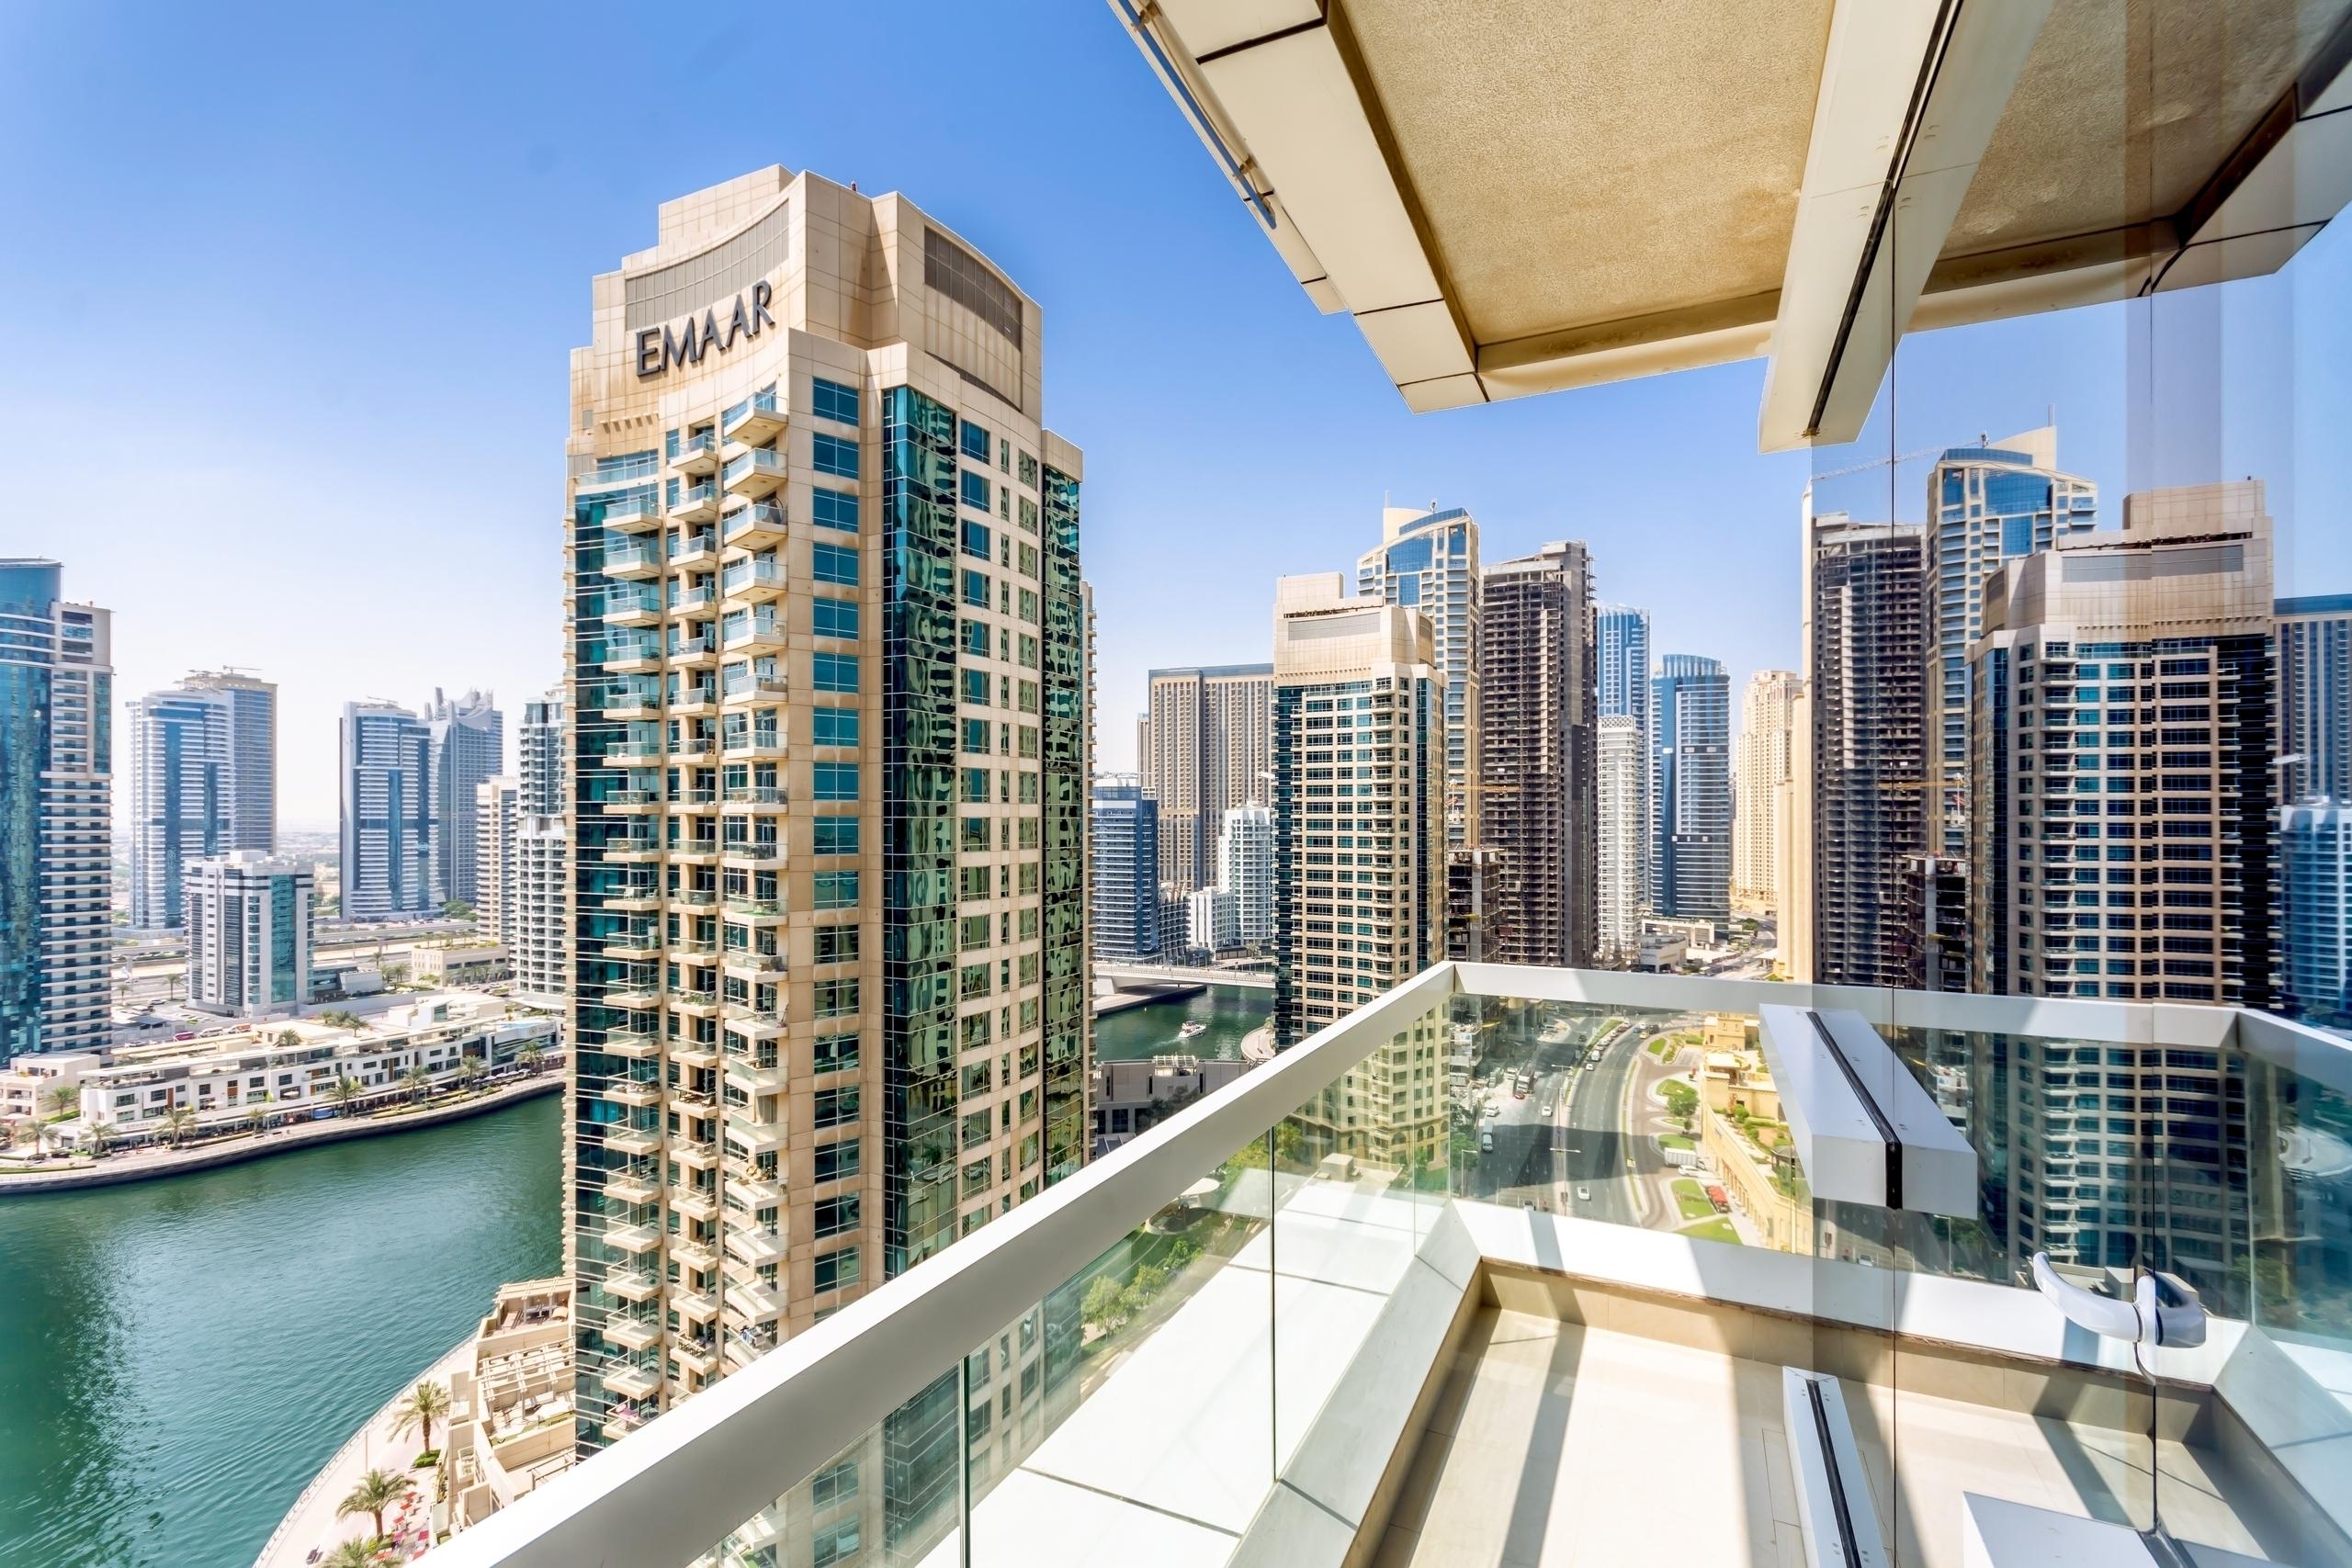 Хотел аппартаменты в эмиратах купить квартиру в дубае недорого цены